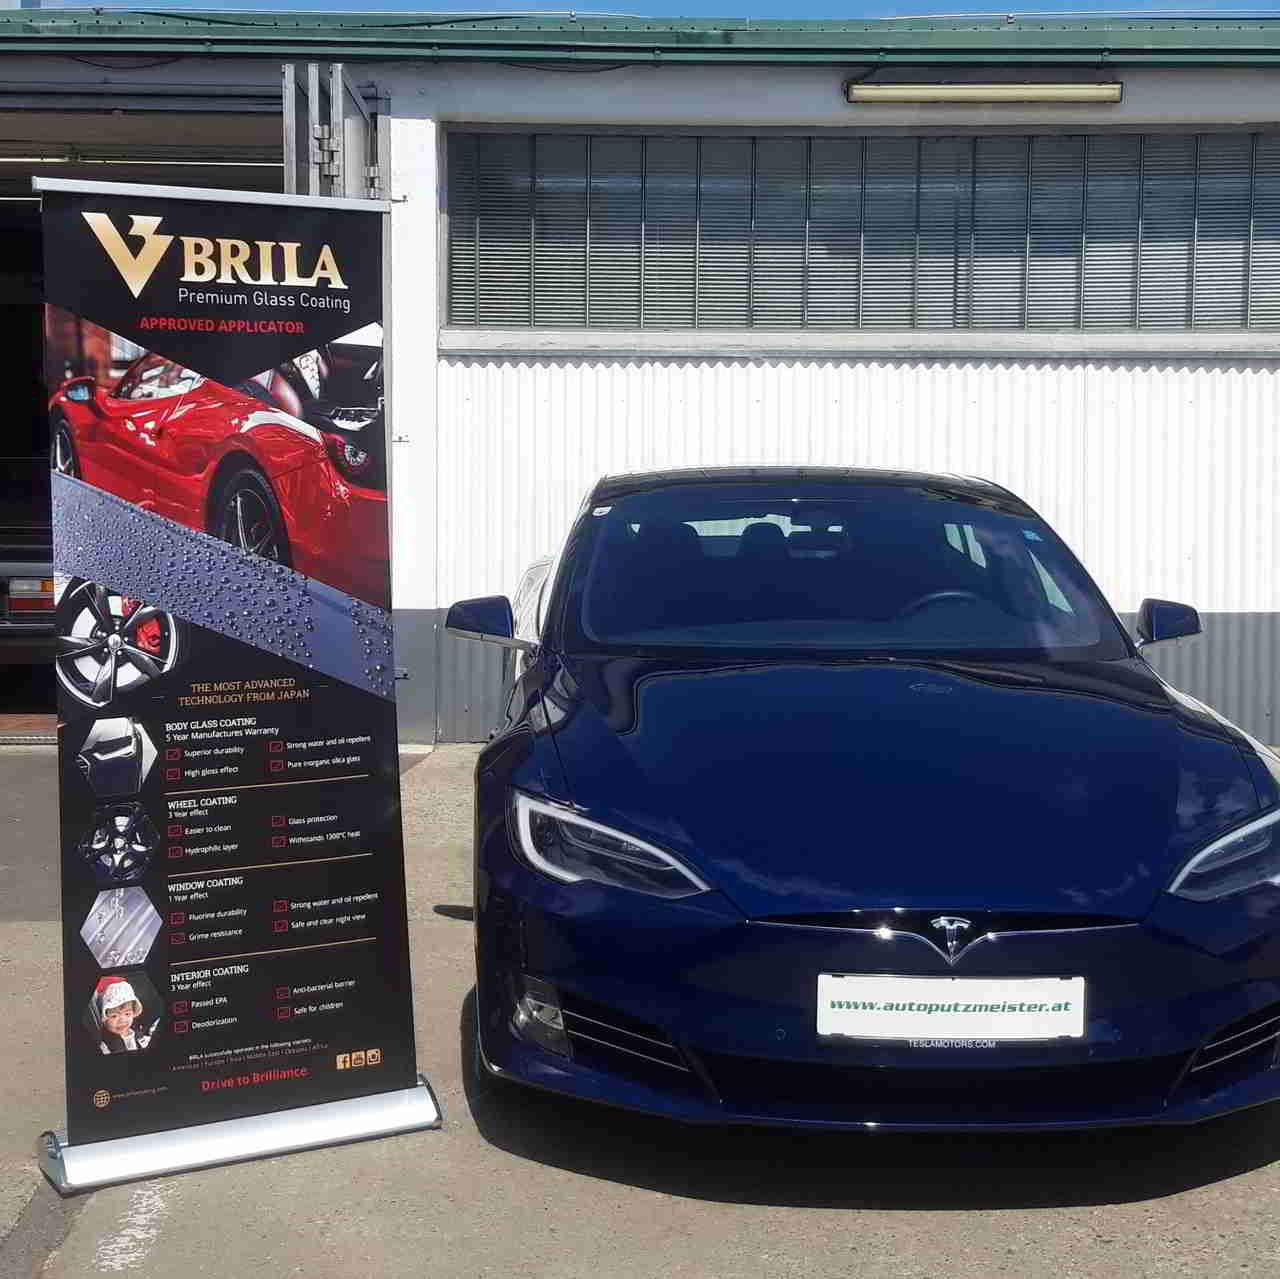 BRILA Graz Redline Body Coating Tesla 3